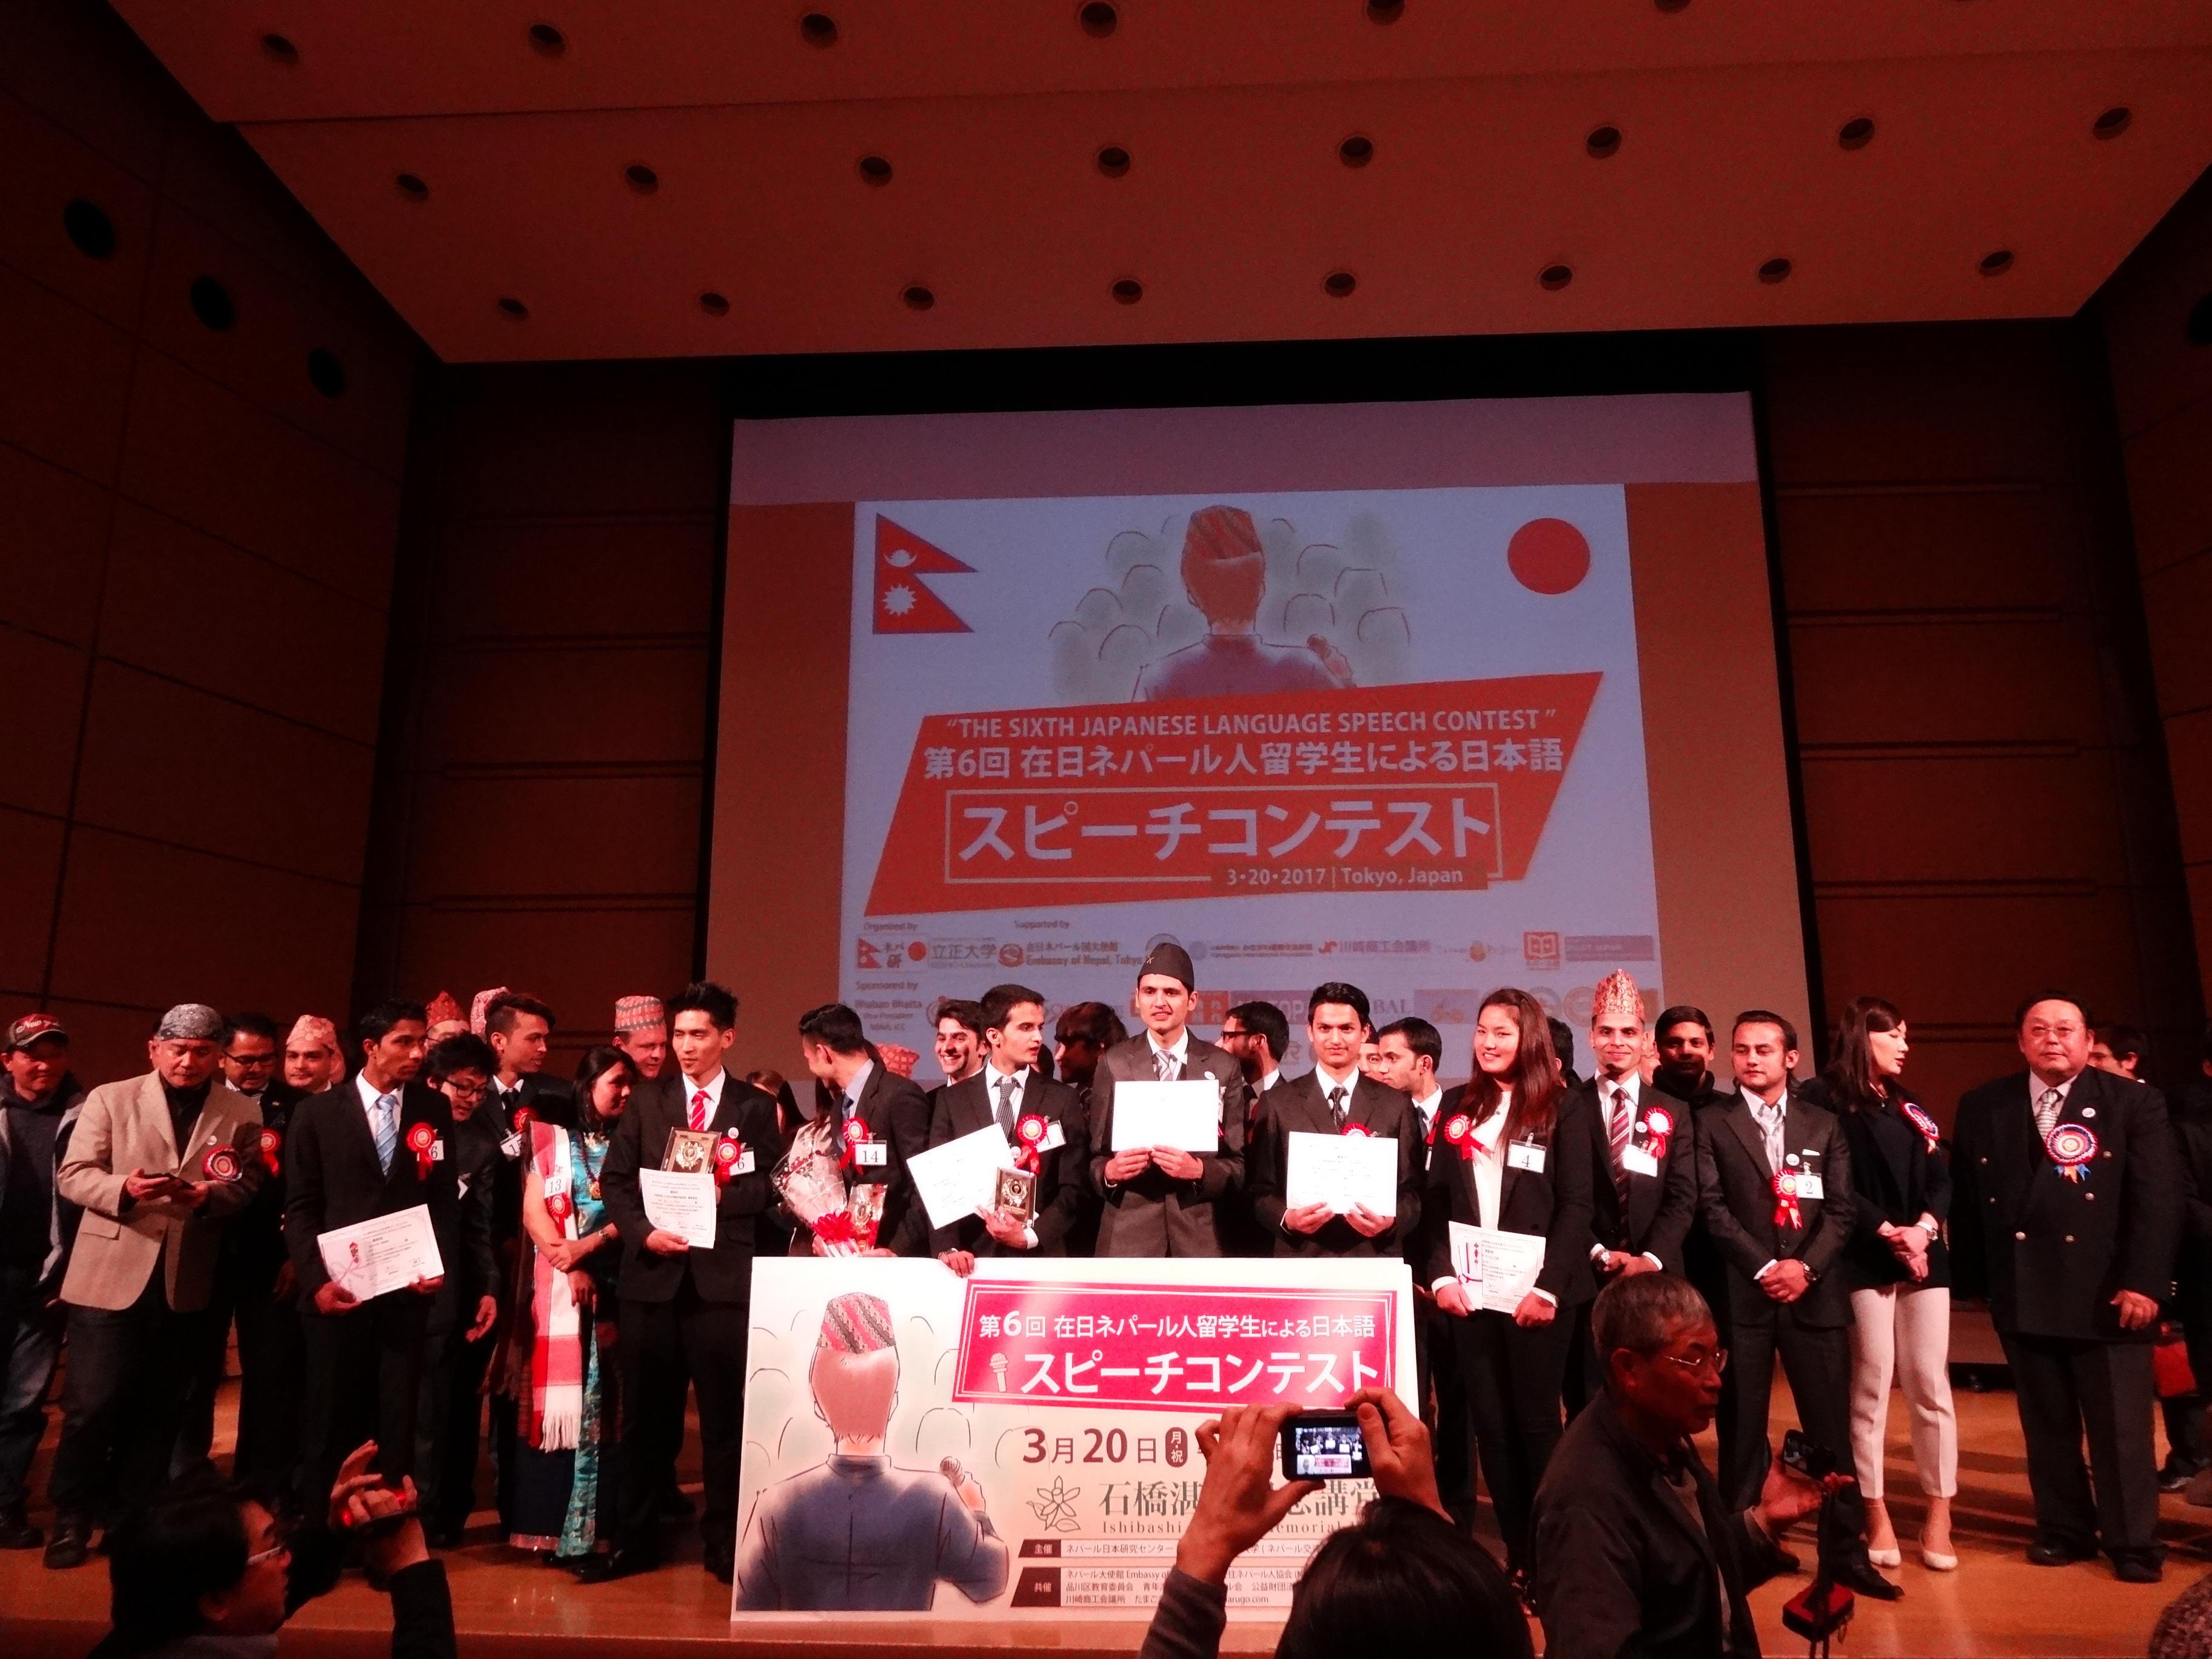 NEPAKEN × 立正大学  第7回在日ネパール人留学生による日本語スピーチコンテストを開催 -- 観覧者を募集 --